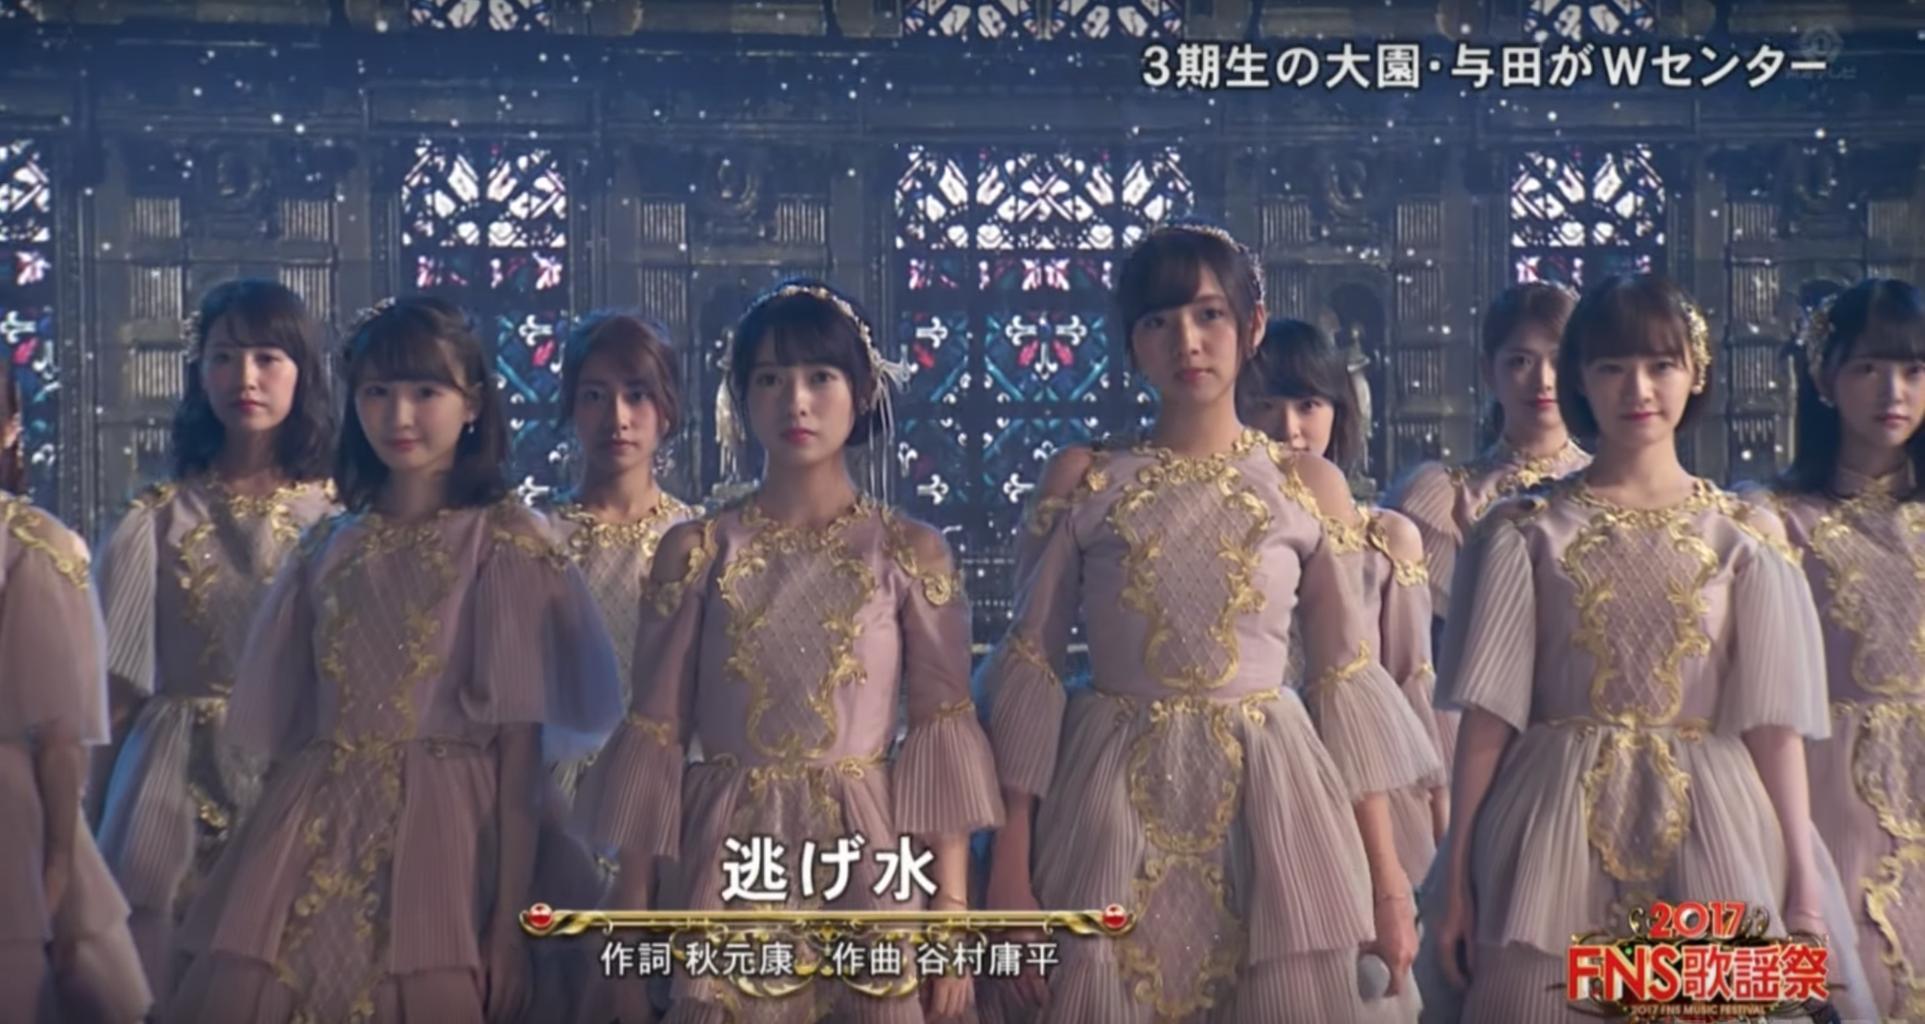 乃木坂46斉藤優里「ピンクとベージュのお姫様みたいな衣装が好きだった」2